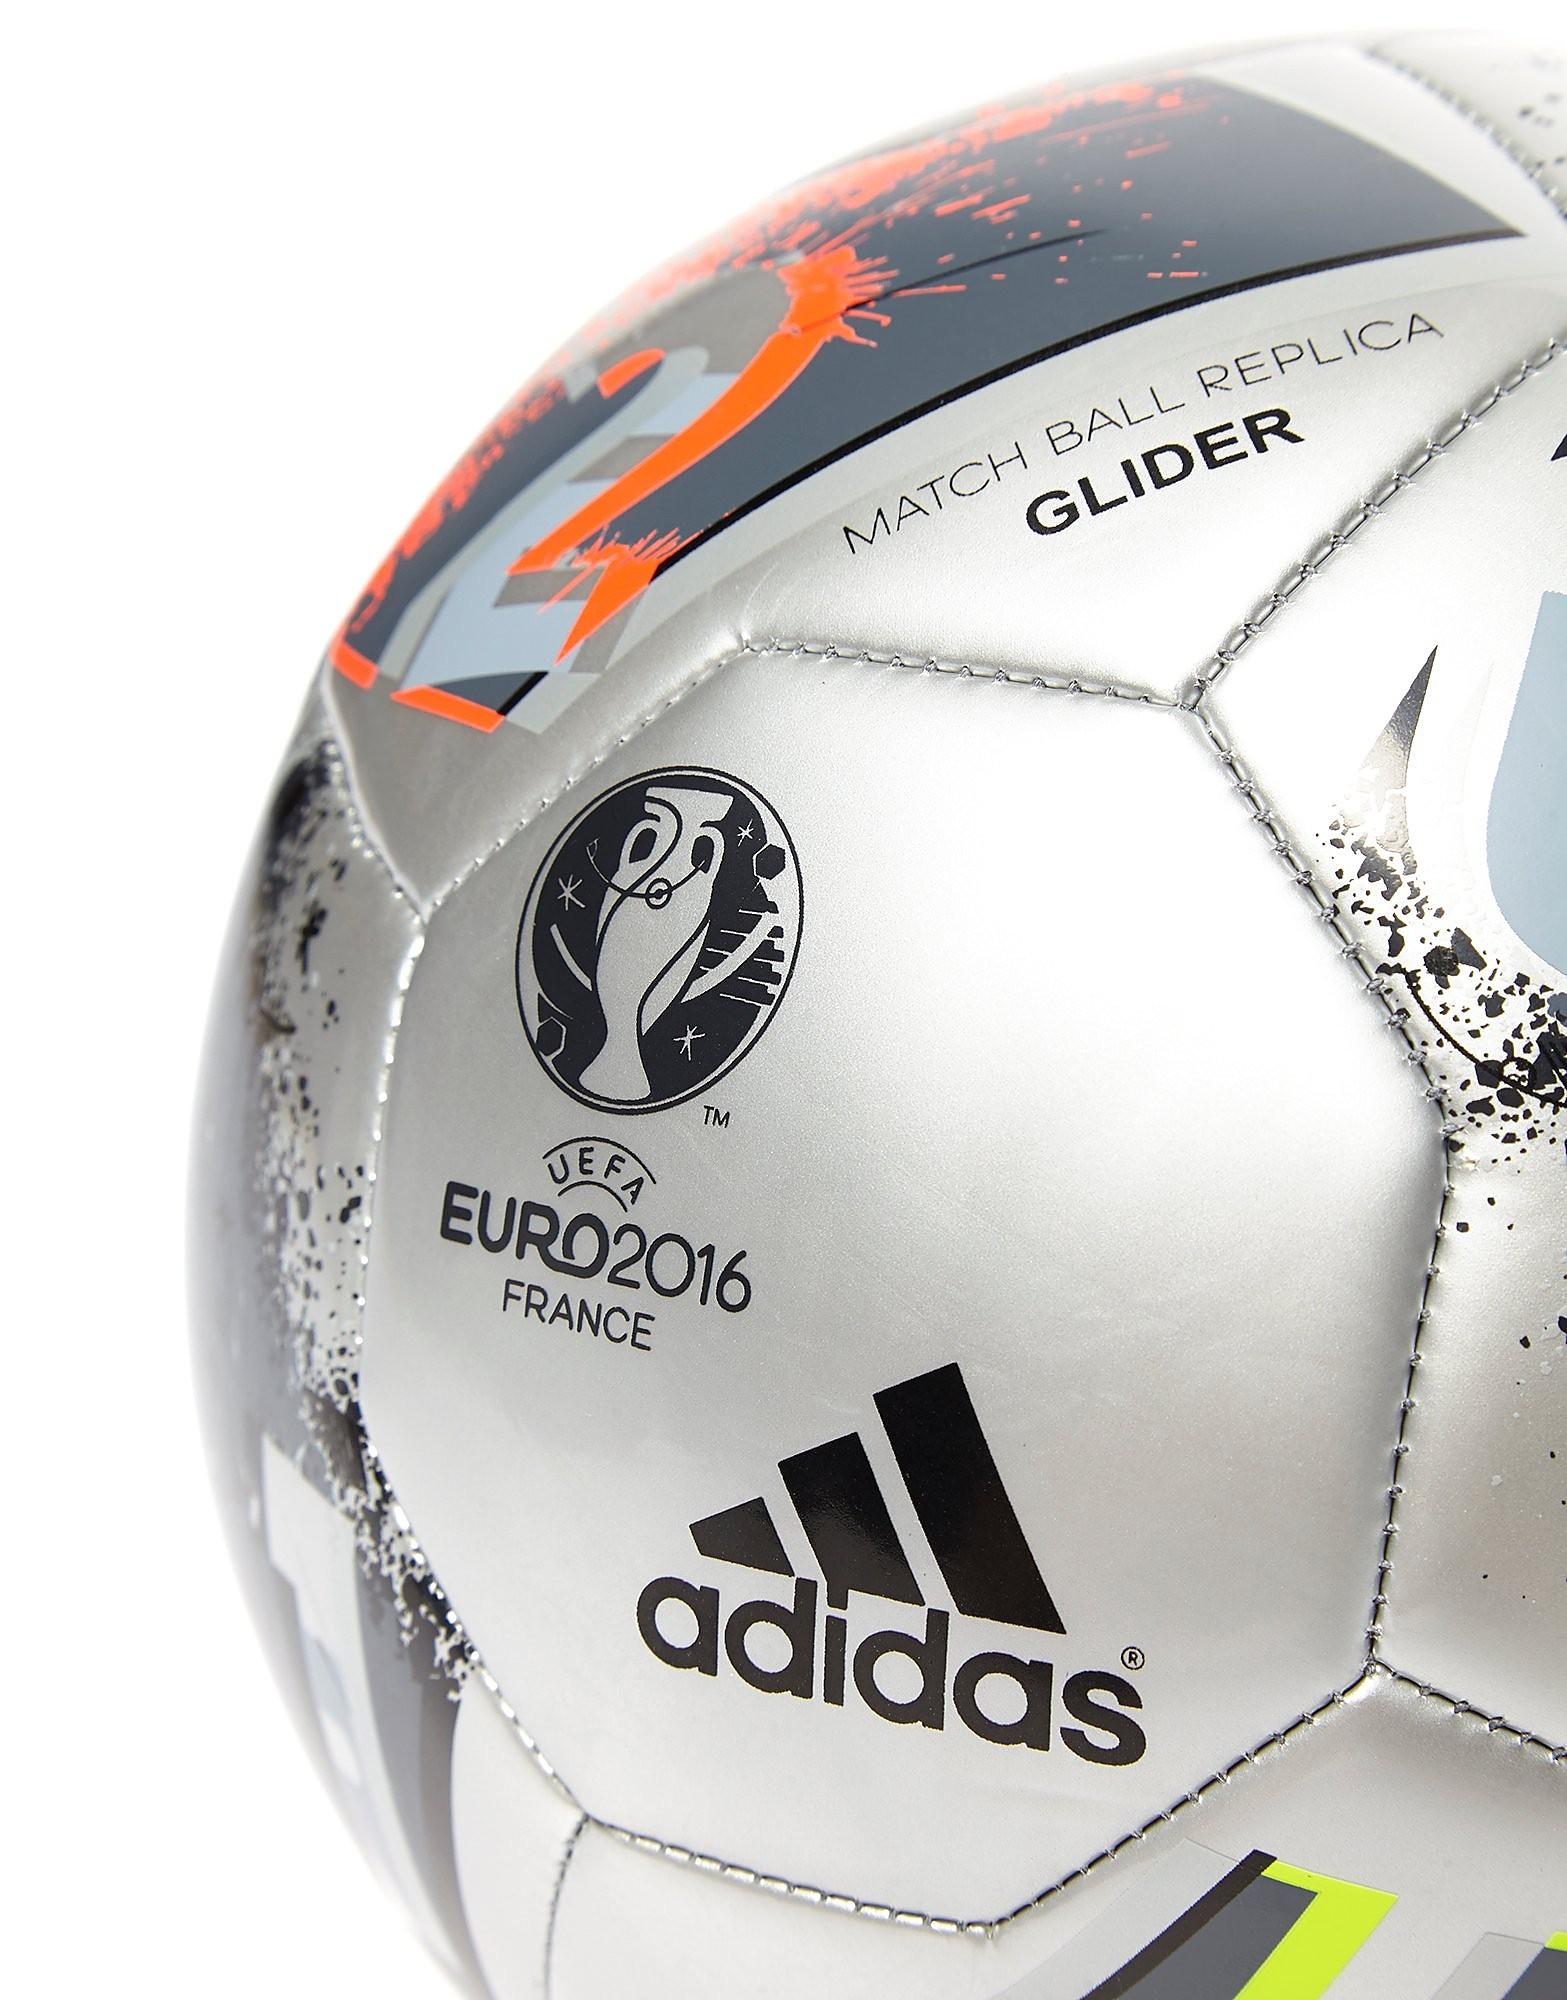 adidas Euro 2016 Final Glider Fußball